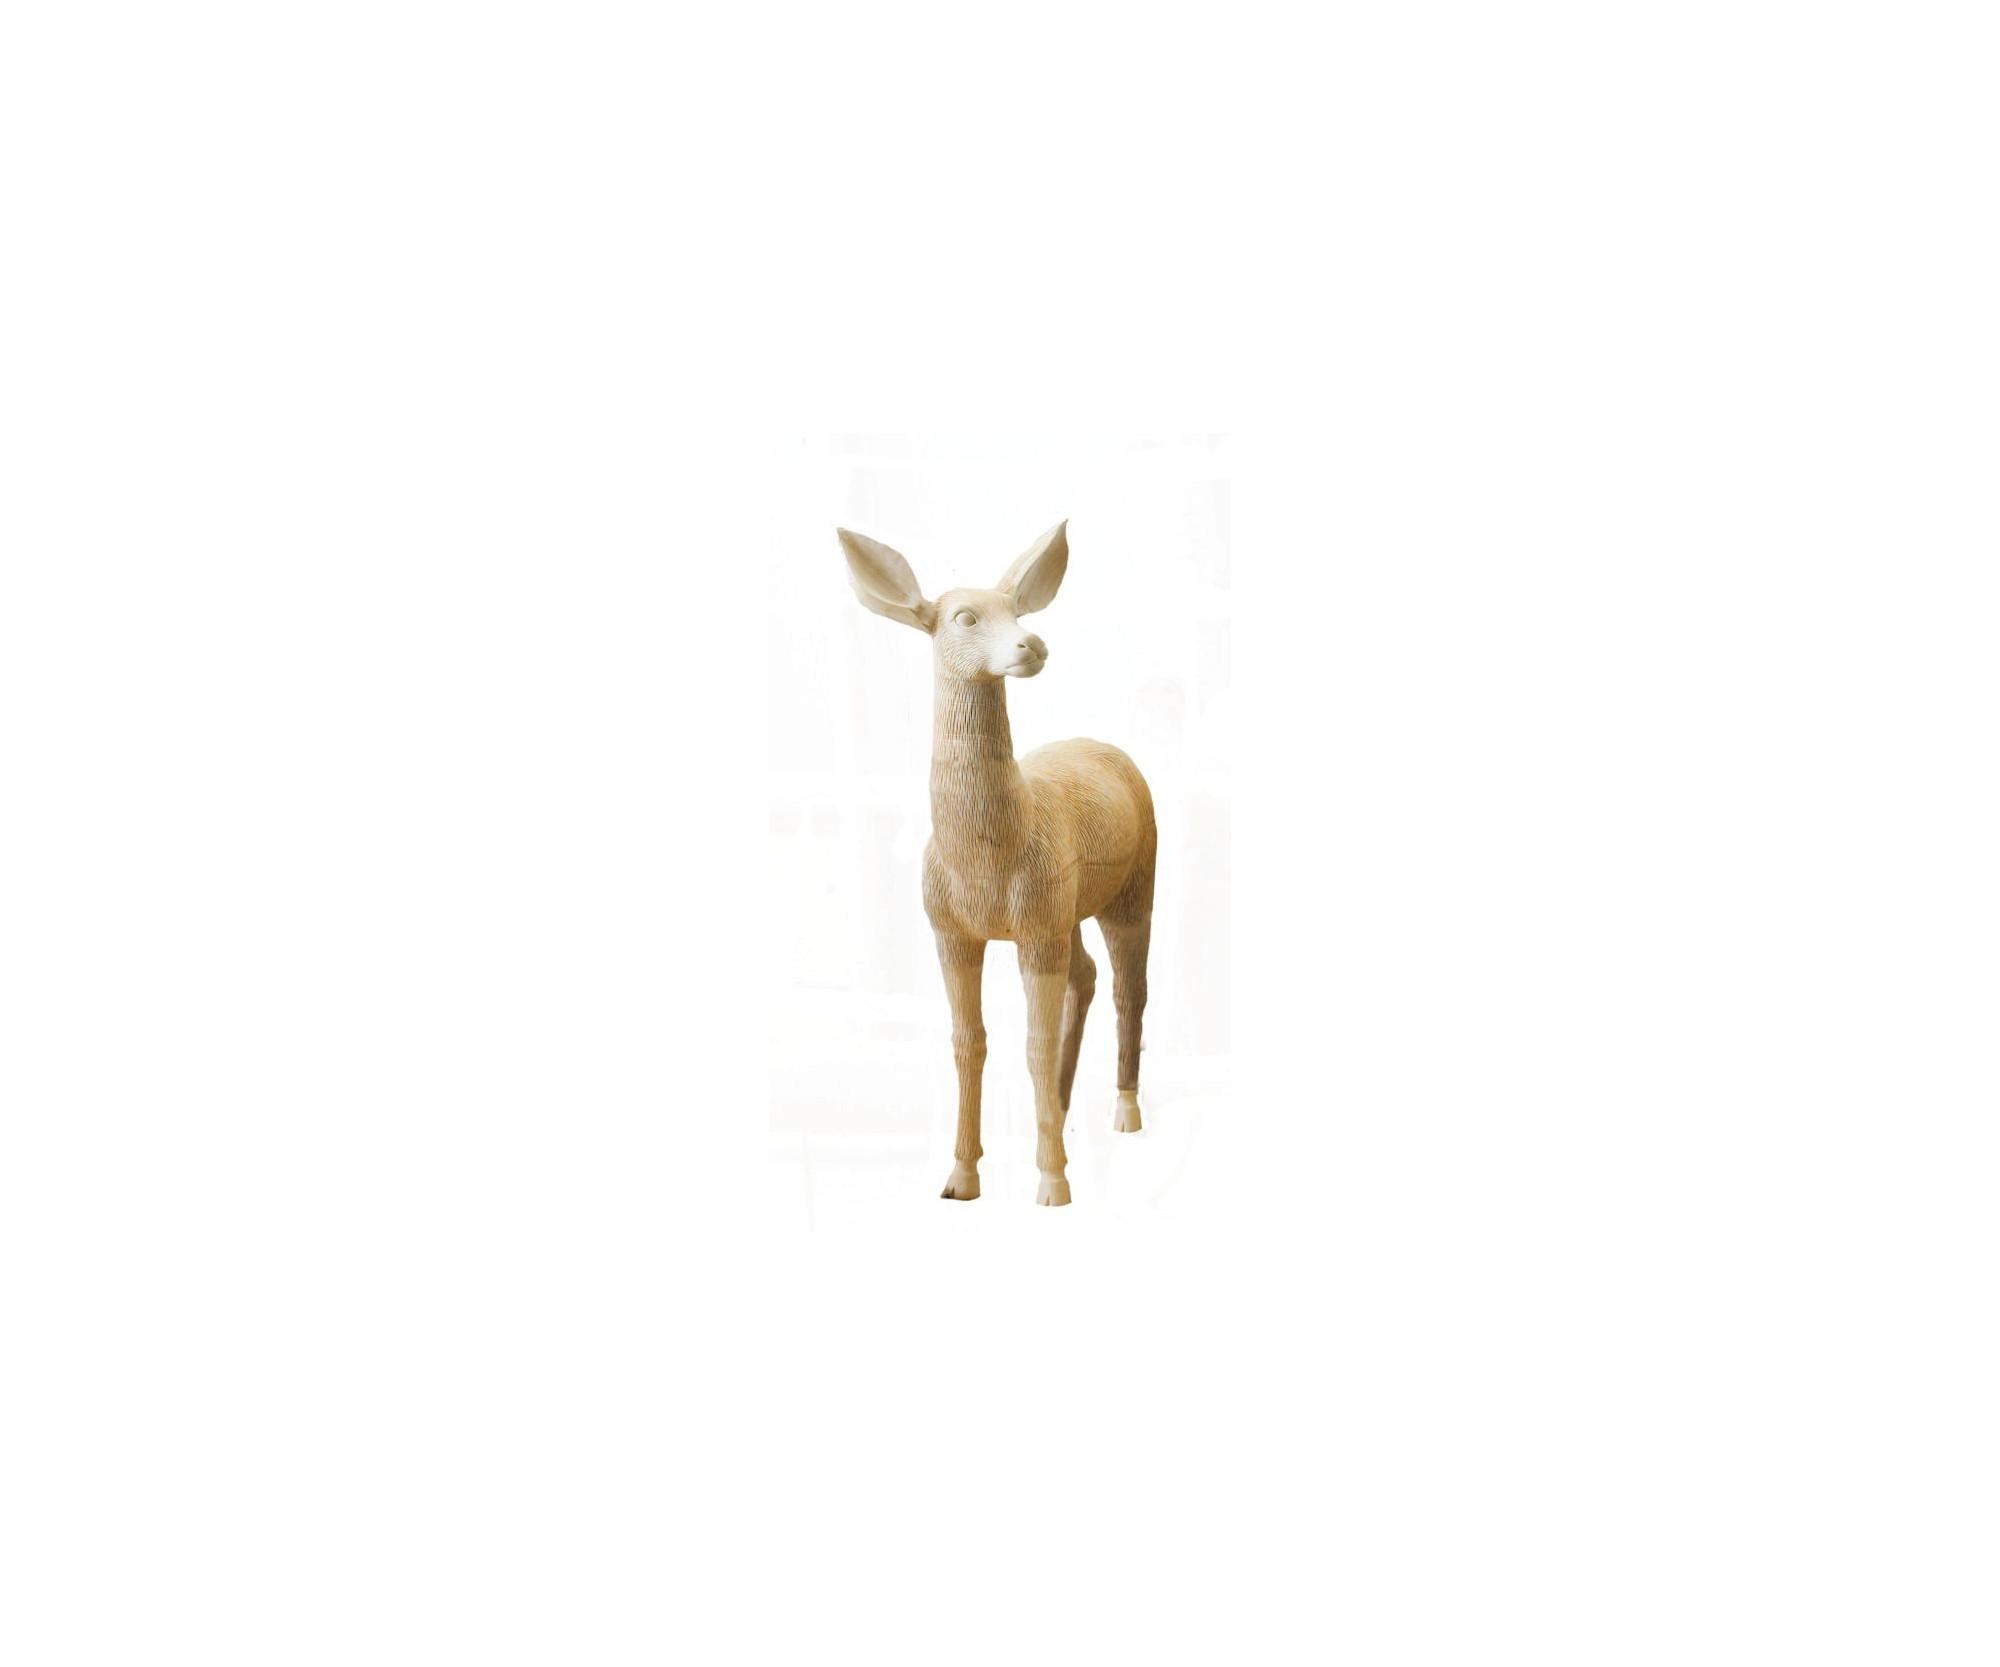 Capriolo in nobile legno di tiglio scolpito - Dolfi Wood